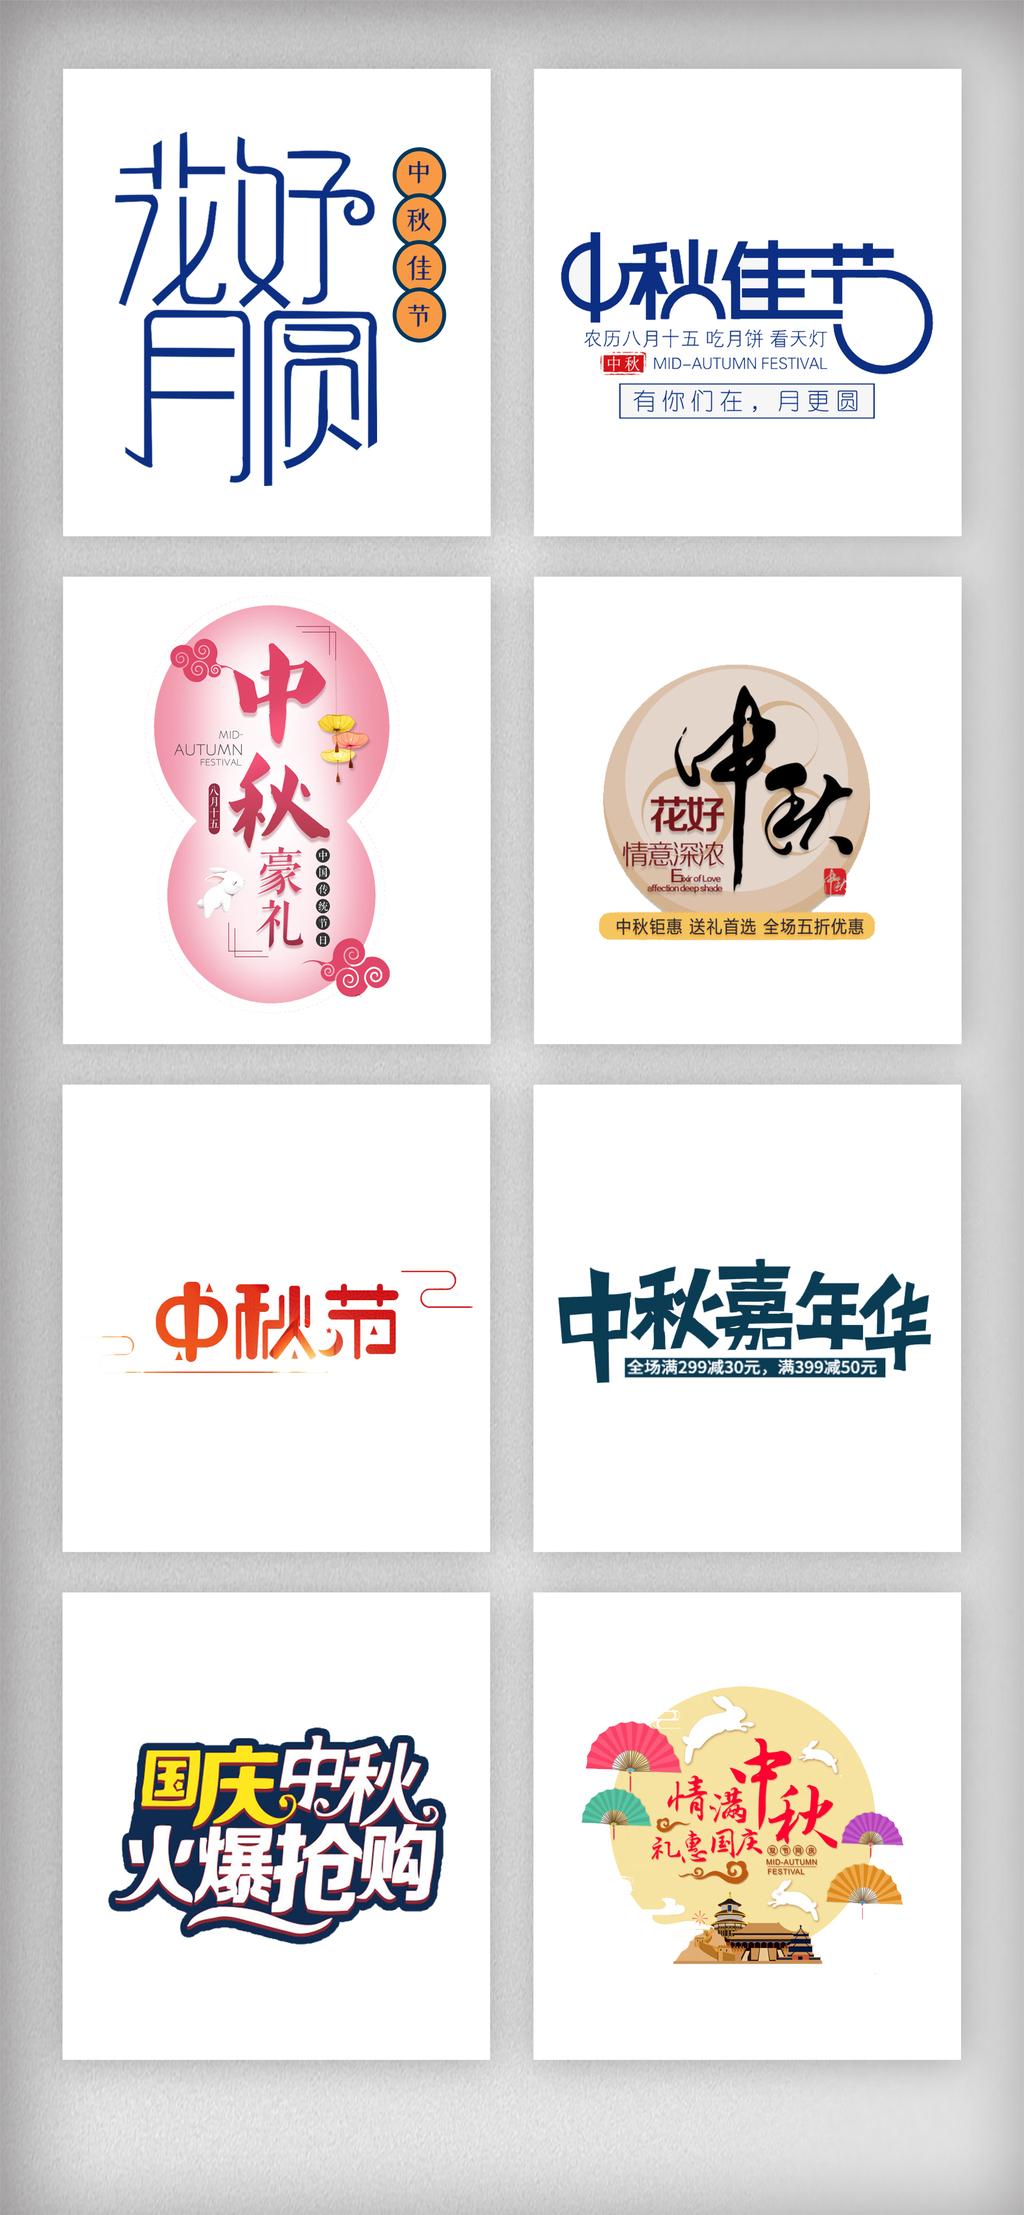 中秋节团圆艺术字体设计素材